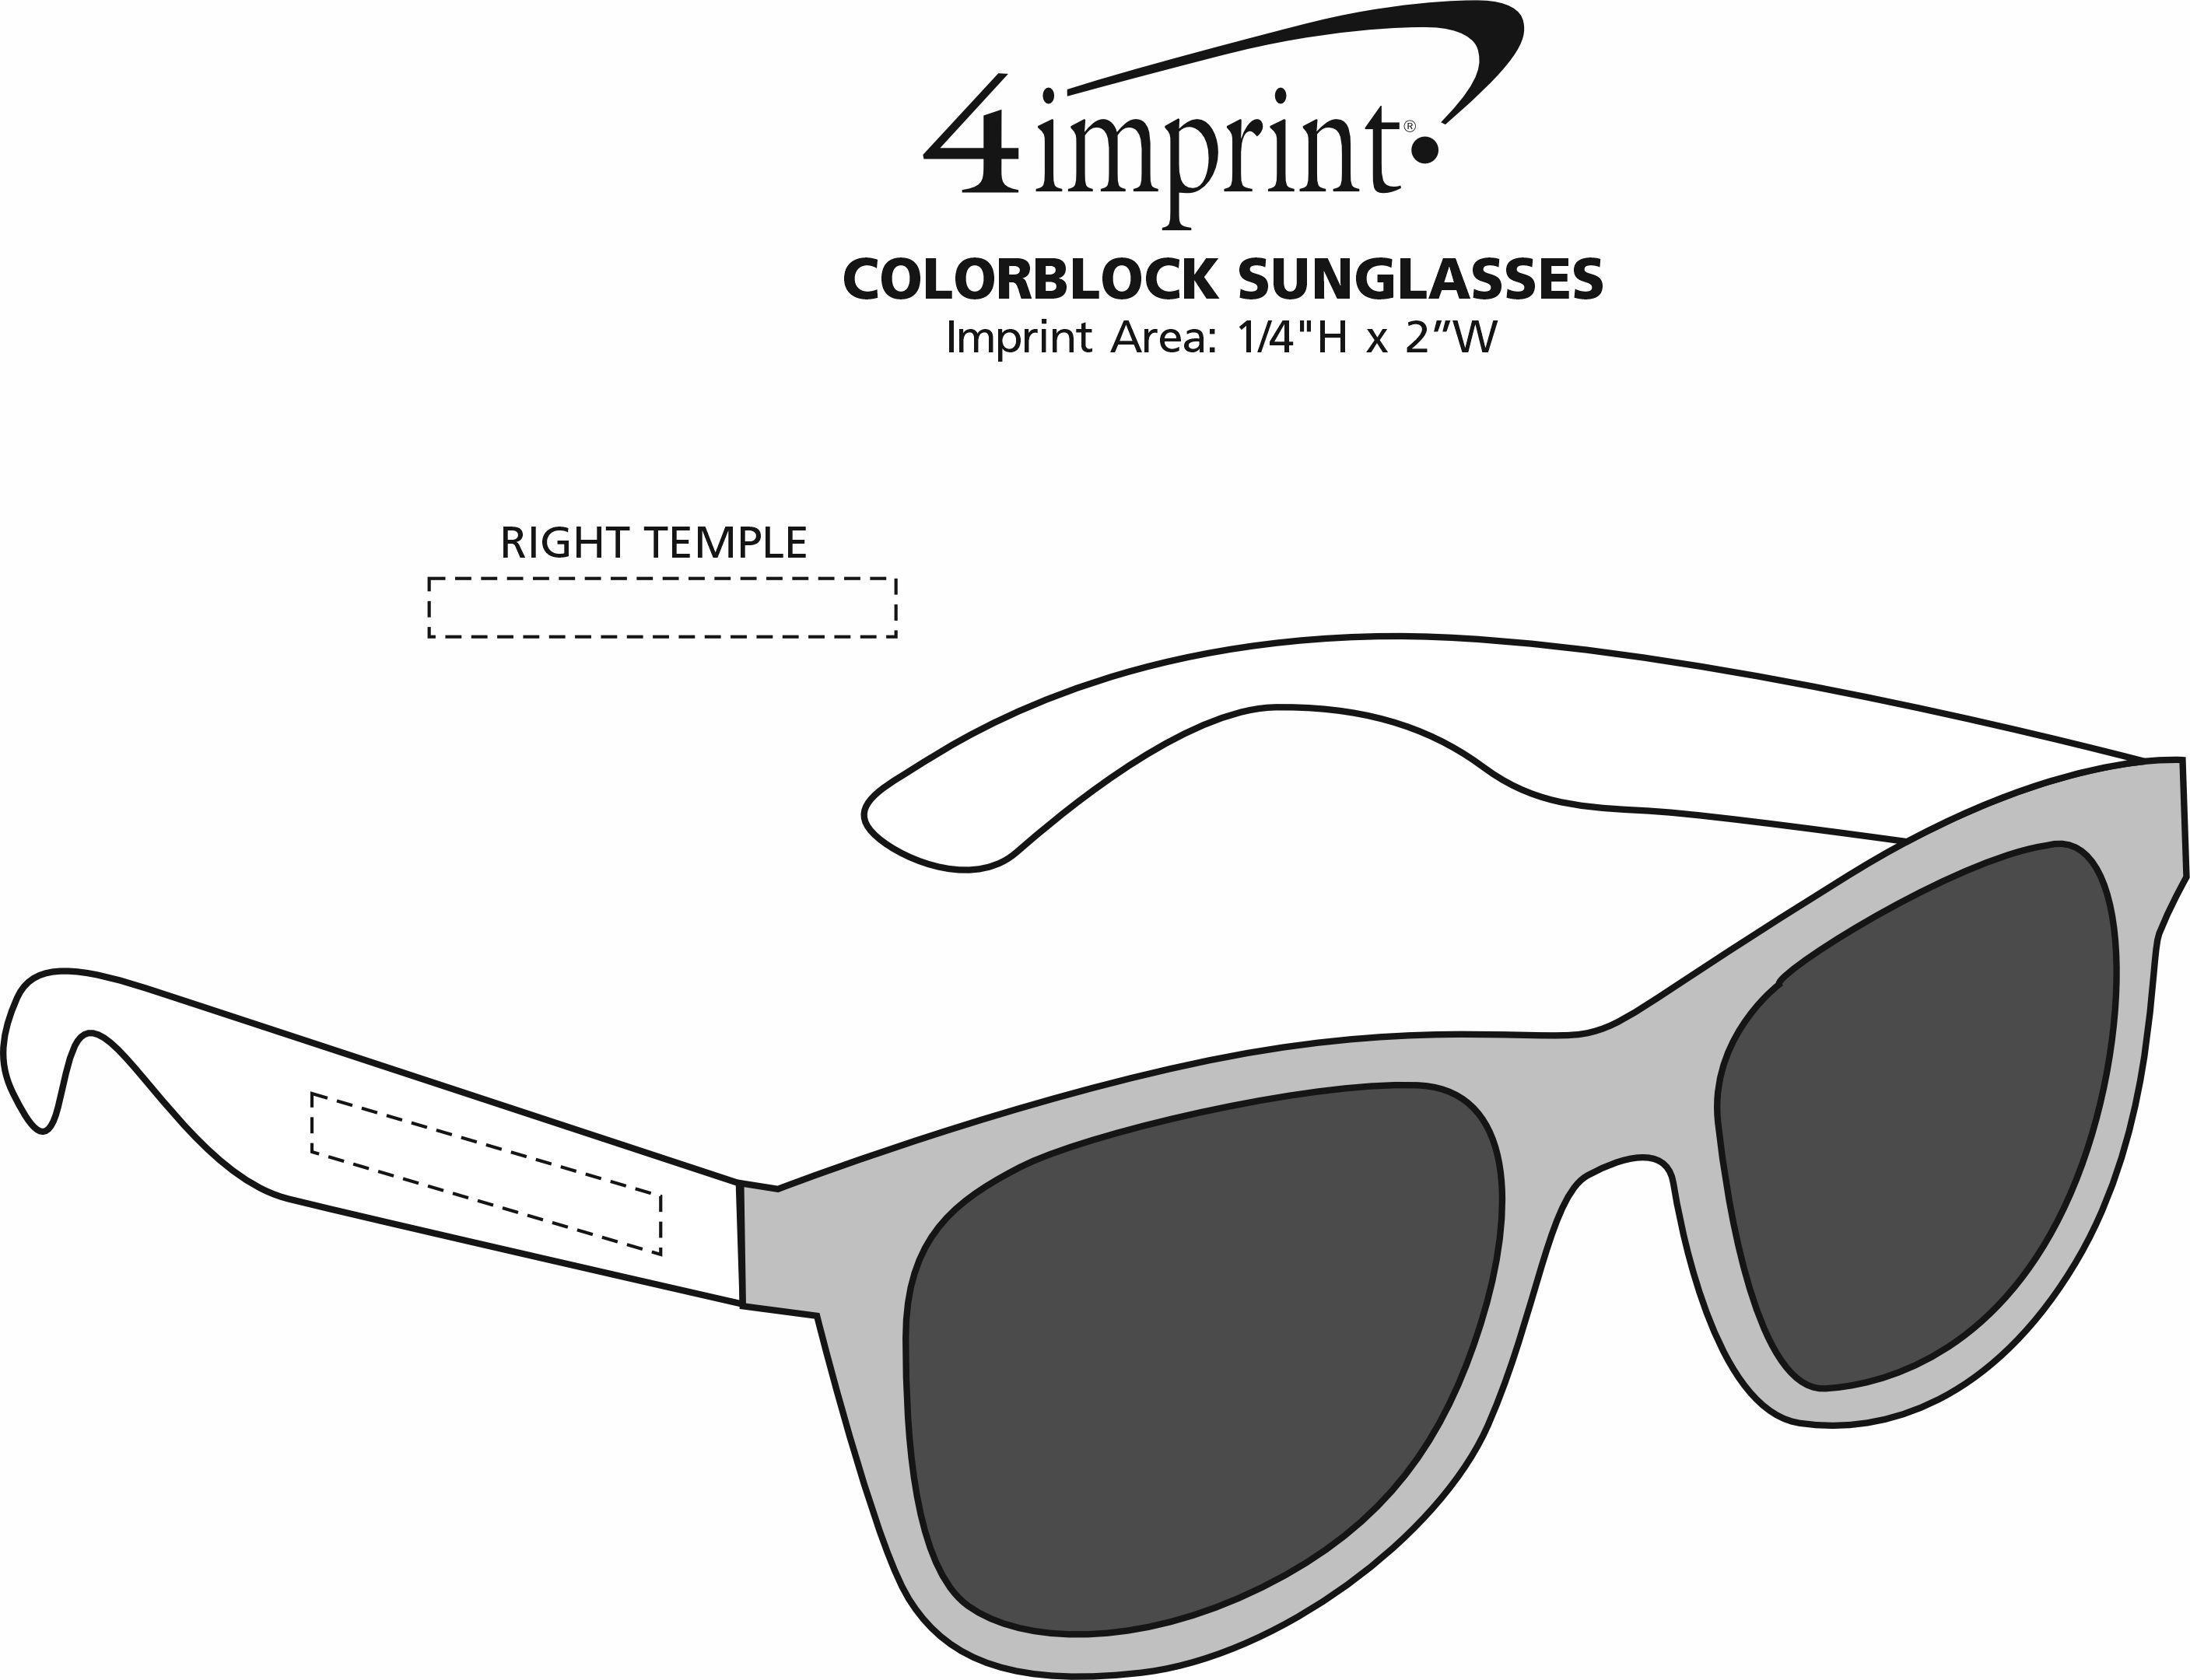 Imprint Area of Colorblock Sunglasses